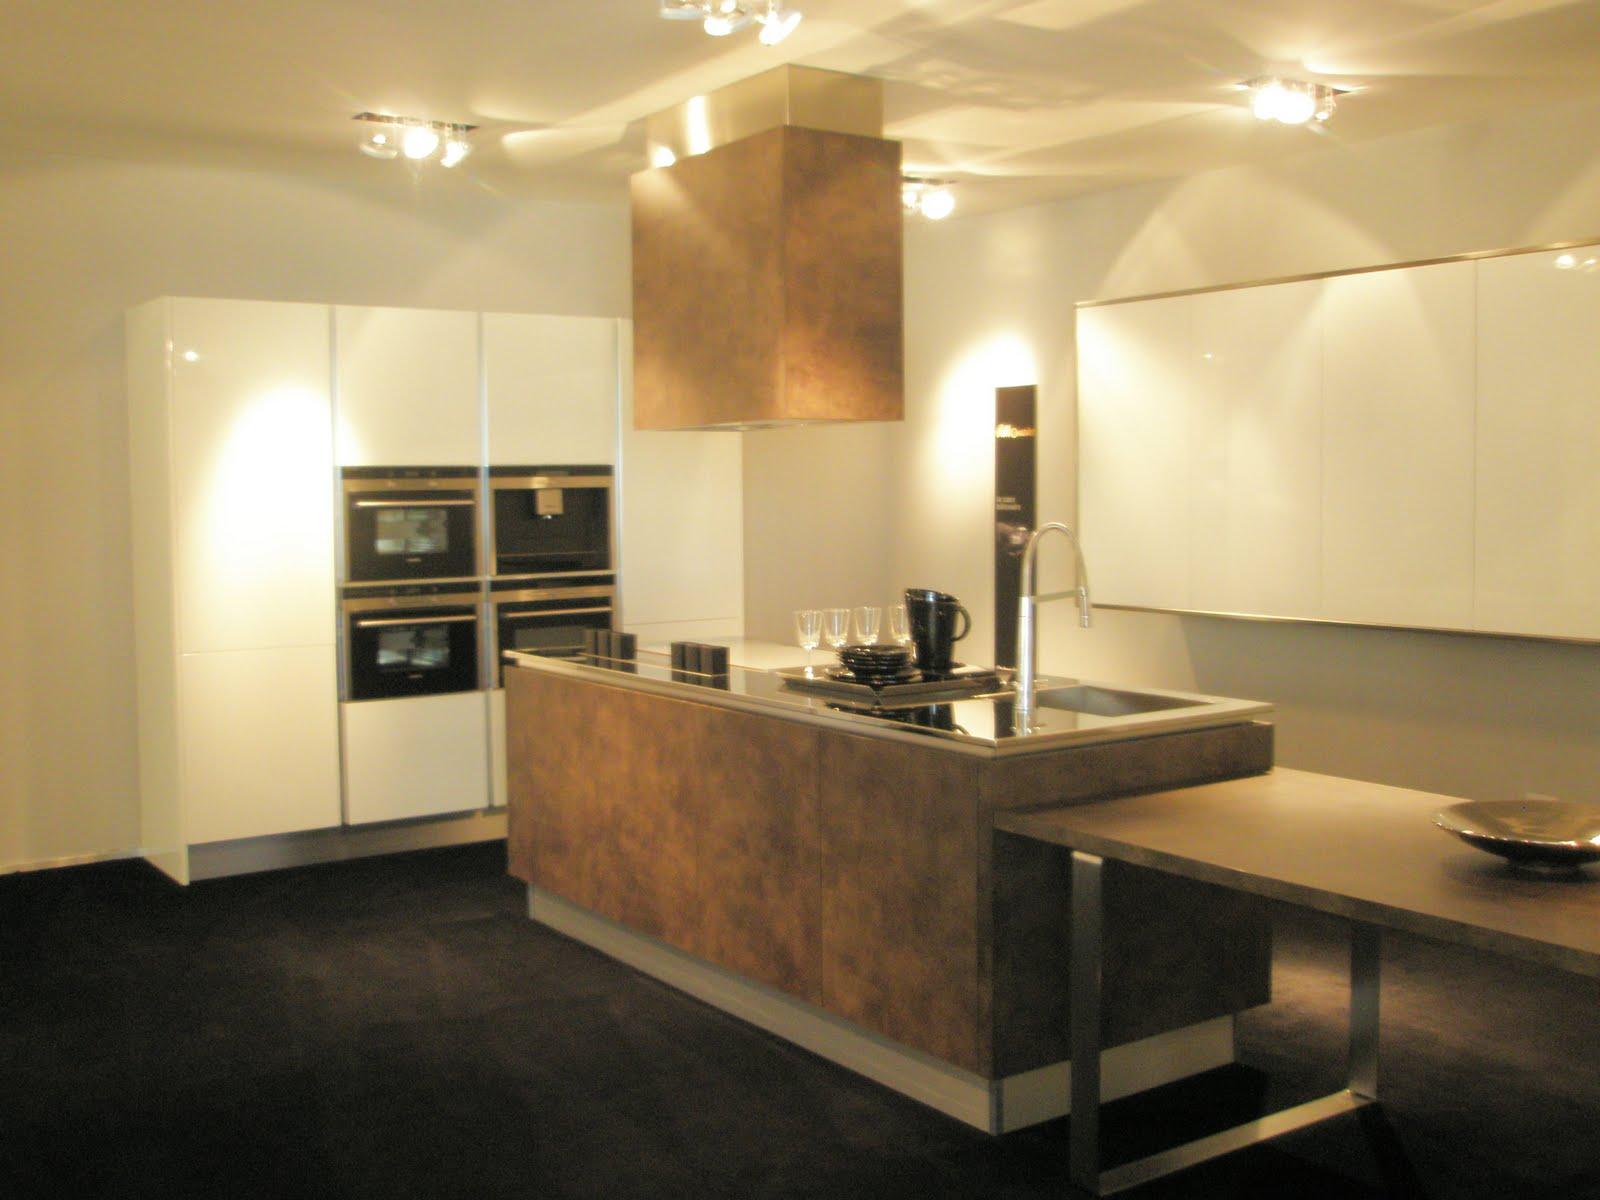 Cozinha Quadrada Com Ilha Figura Cozinha Quadrada Com Ilha